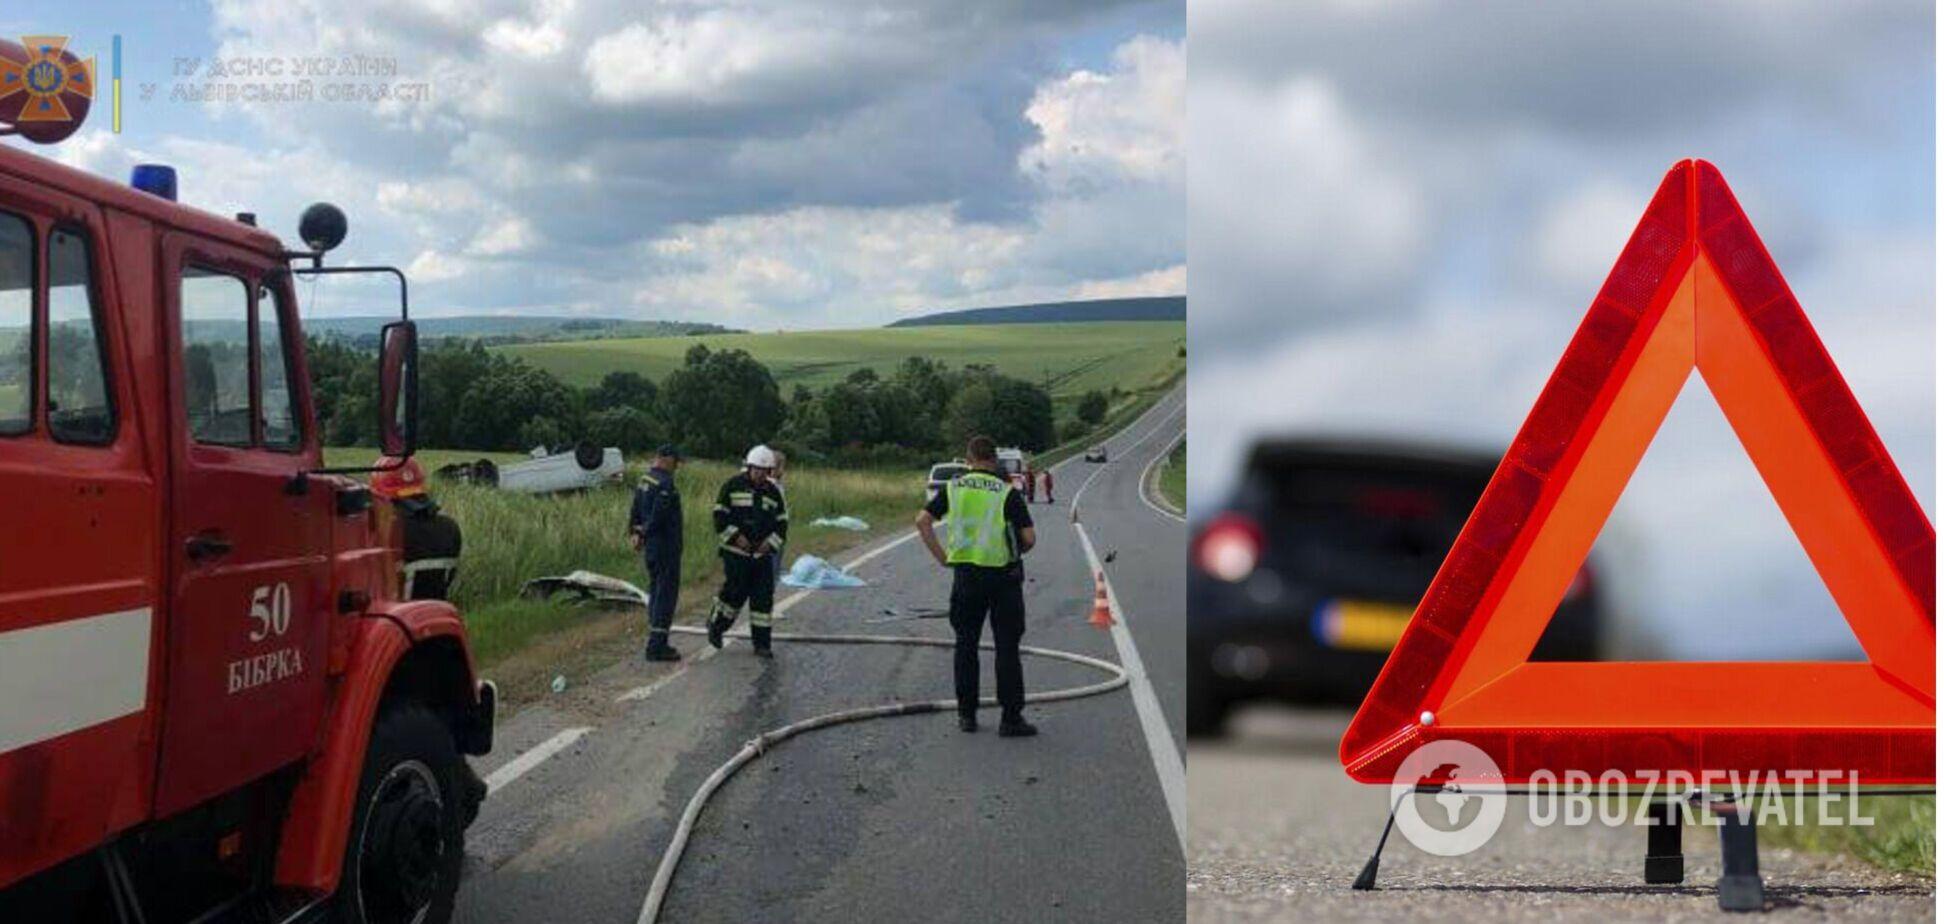 На Львівщині жінка не впоралася з Ford, авто перекинулось: 2 загиблих і 3 поранених